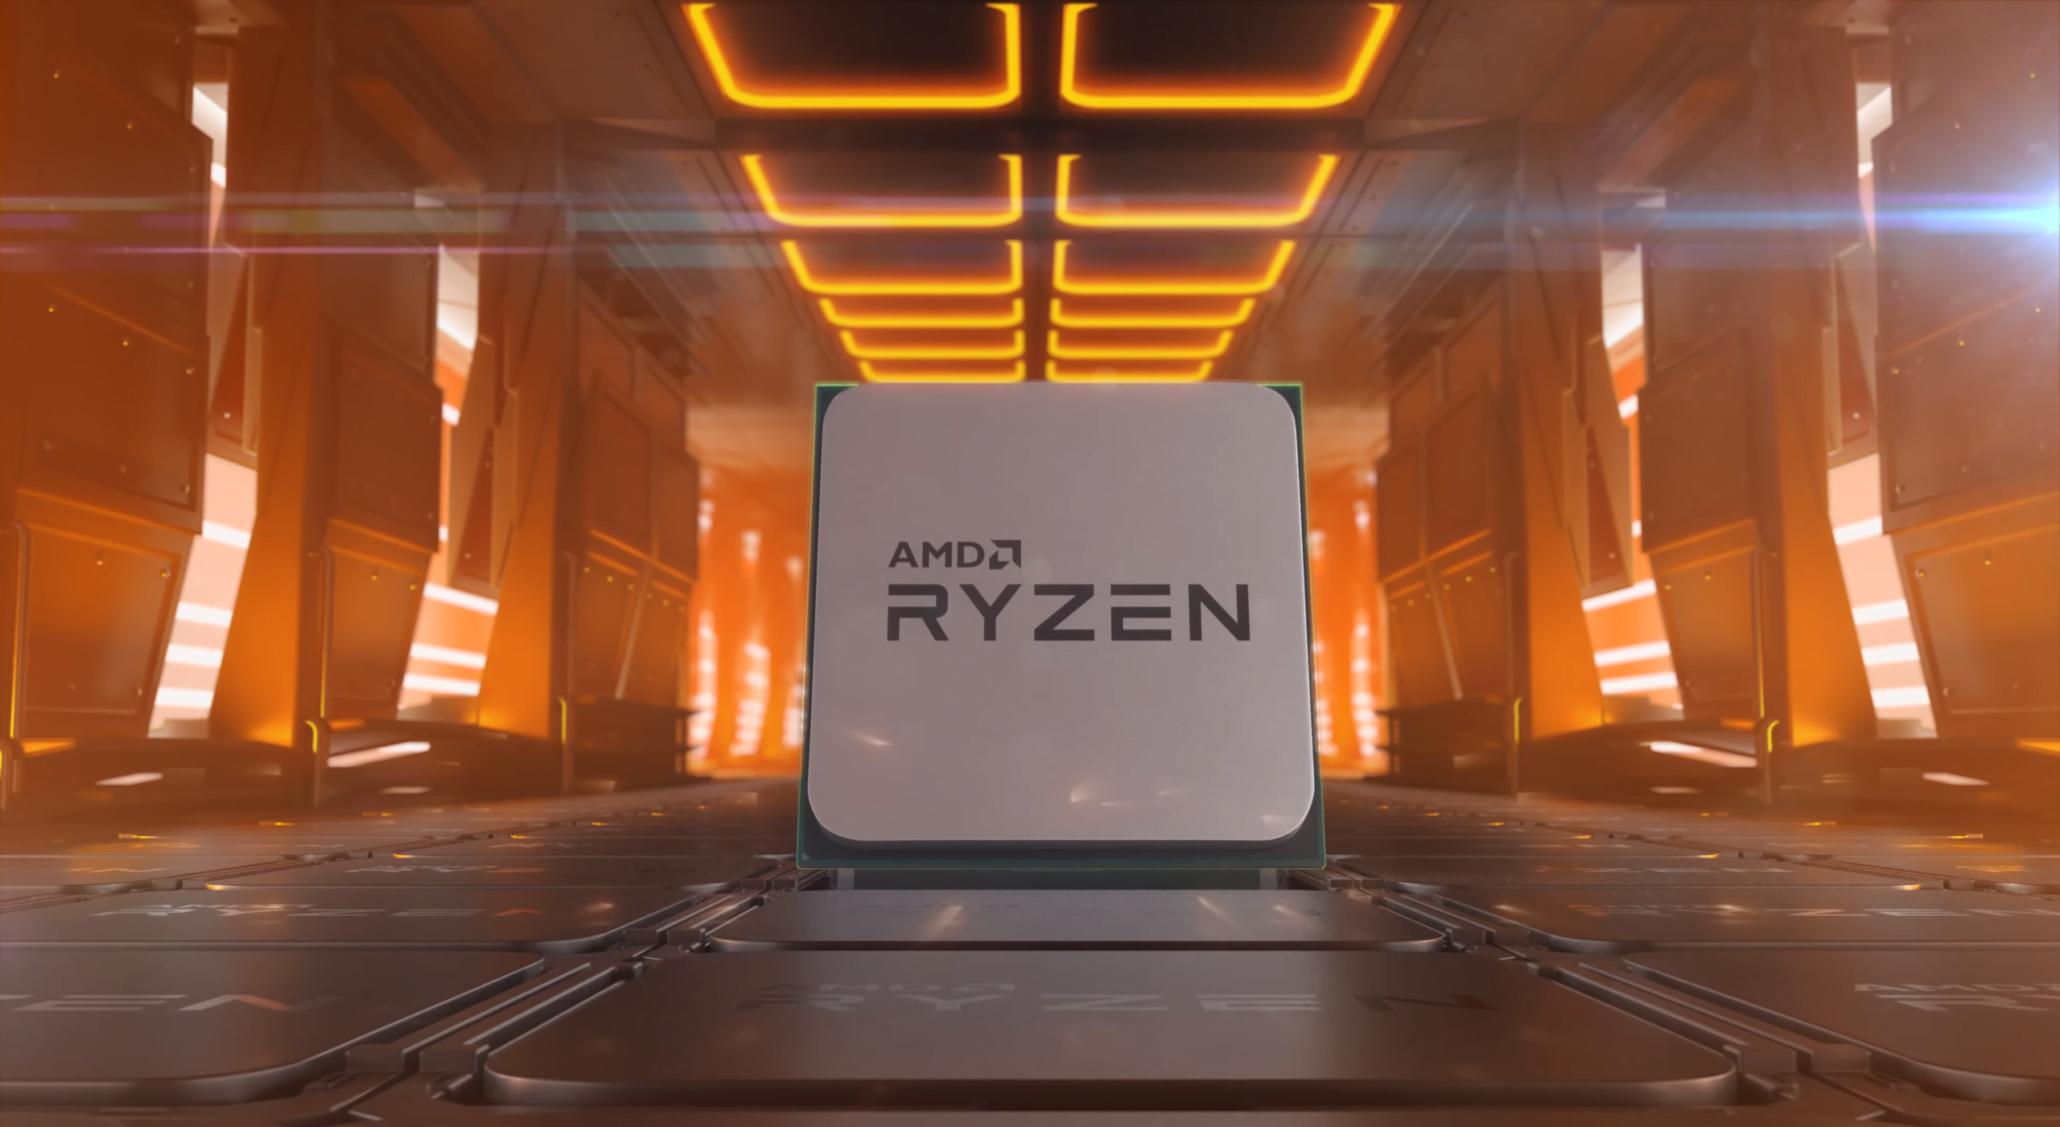 Сравнение Ryzen 5 3600 и 3600X: какой купить